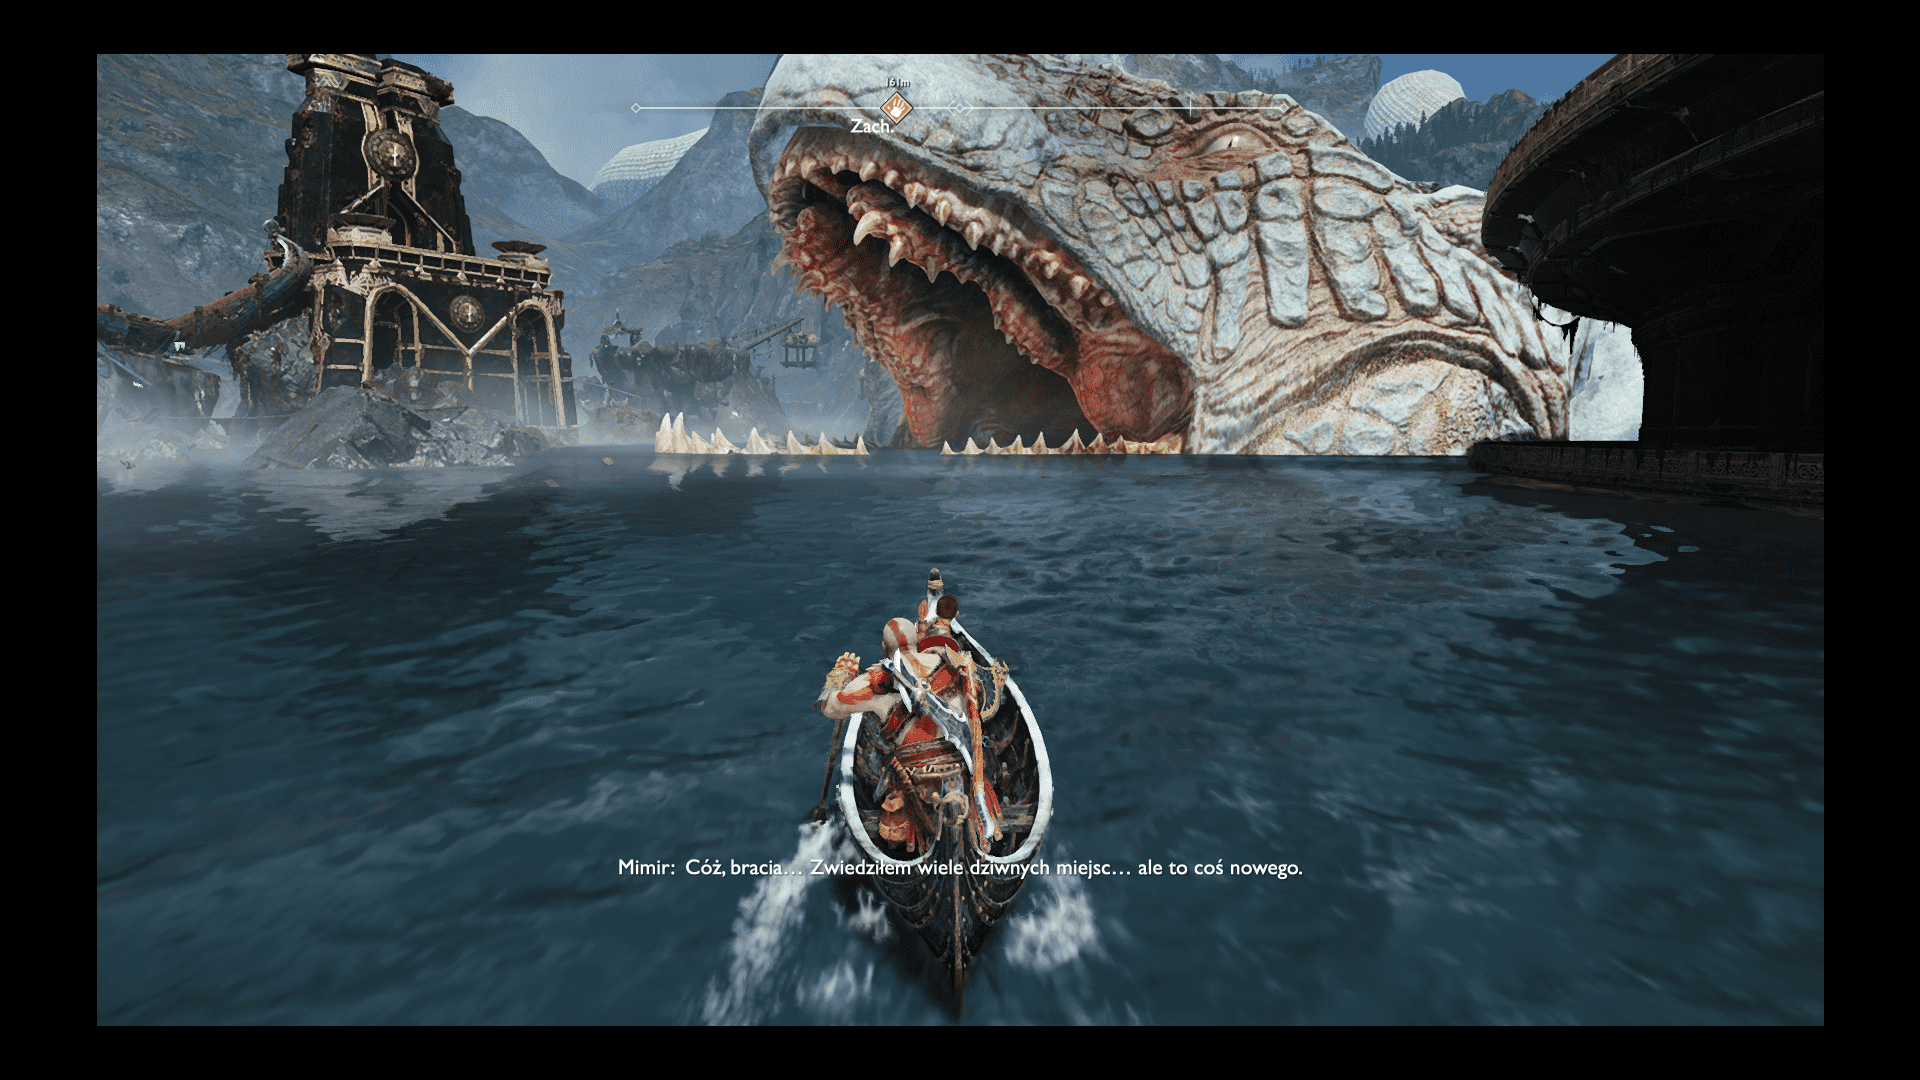 """God of War - recenzja gry gry-i-aplikacje recenzja gry God of War, PS4, God of War na PS4, God of War  """"Znajomość"""" z Kratosem rozpocząłem za czasów grania w dwie pierwsze odsłony God of War na PlayStation 2. Potem udało mi się ograć dwie edycje na PSP, zwieńczenie trylogii, ale odpuściłem wydane na siłę Wstąpienie. God of War 20180515142217"""